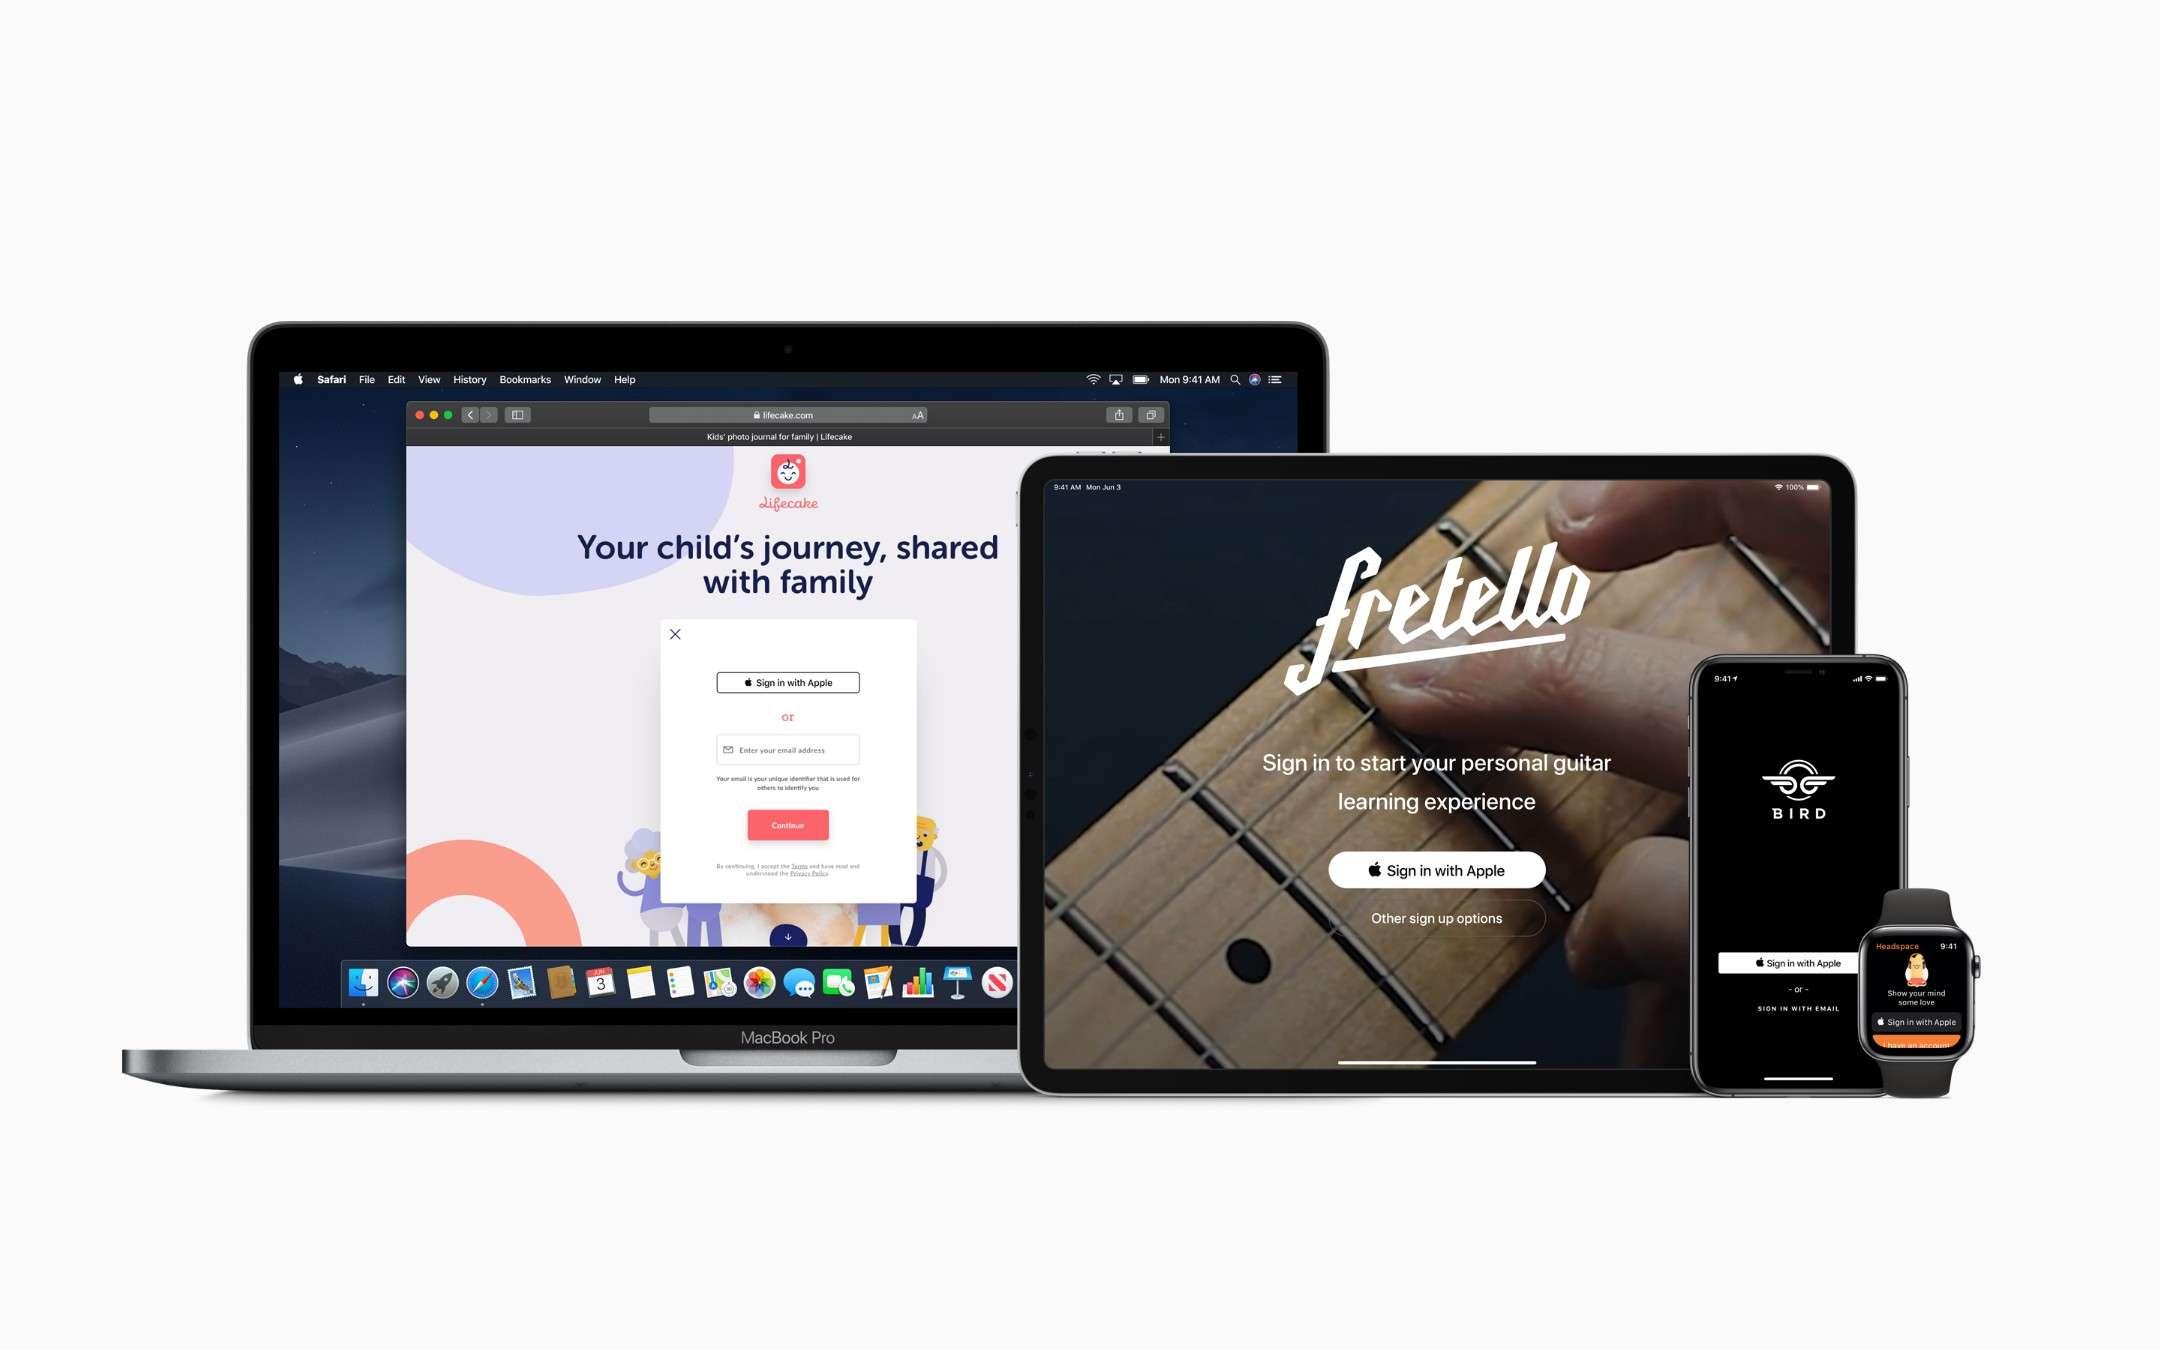 Accedi con Apple